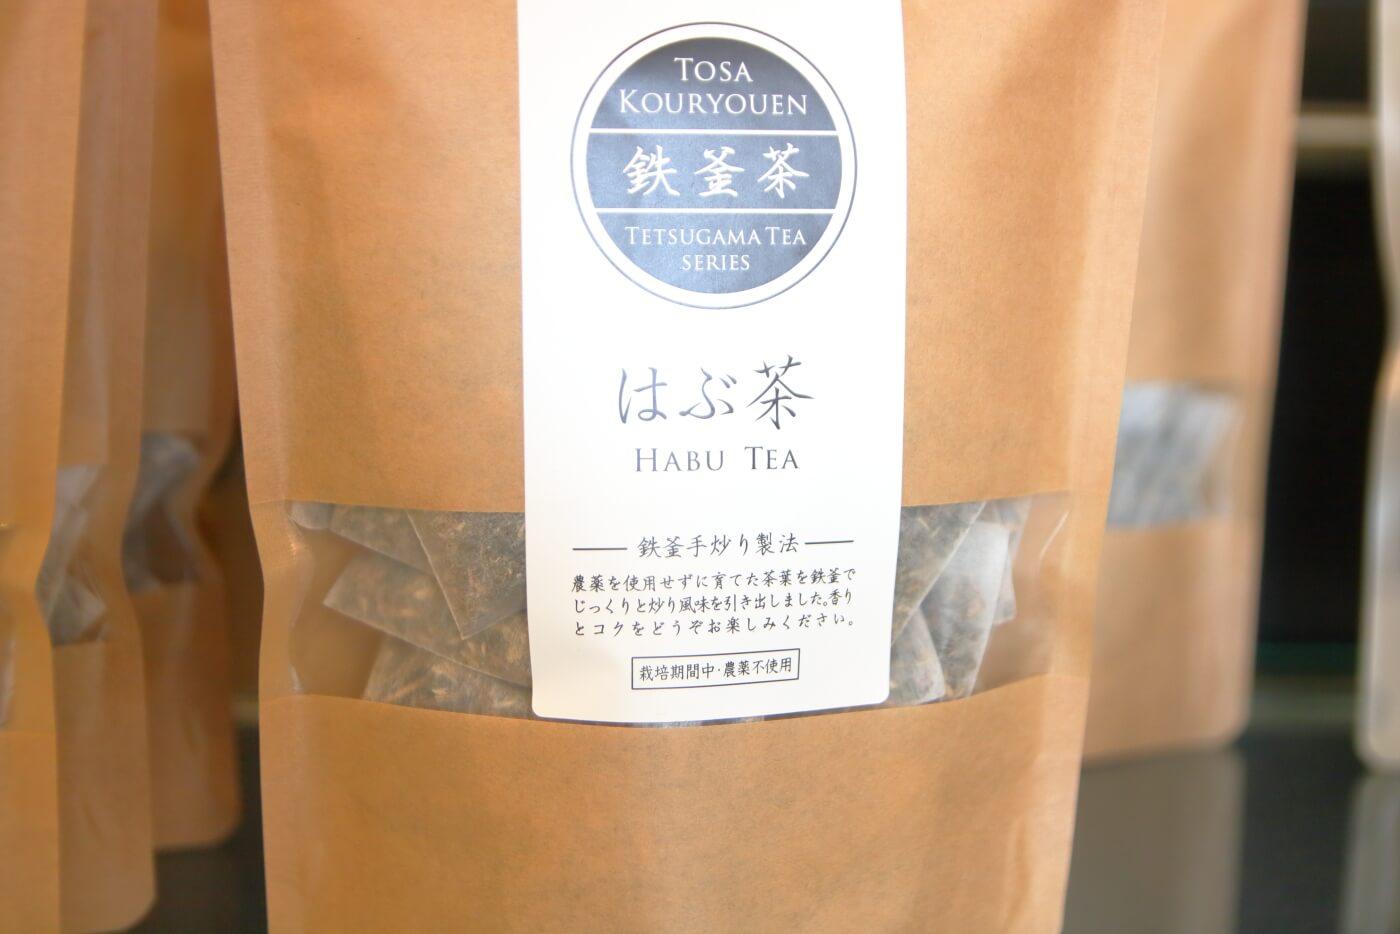 高知市の香稜苑(こうりょうえん) で販売されるハブ茶の茶葉